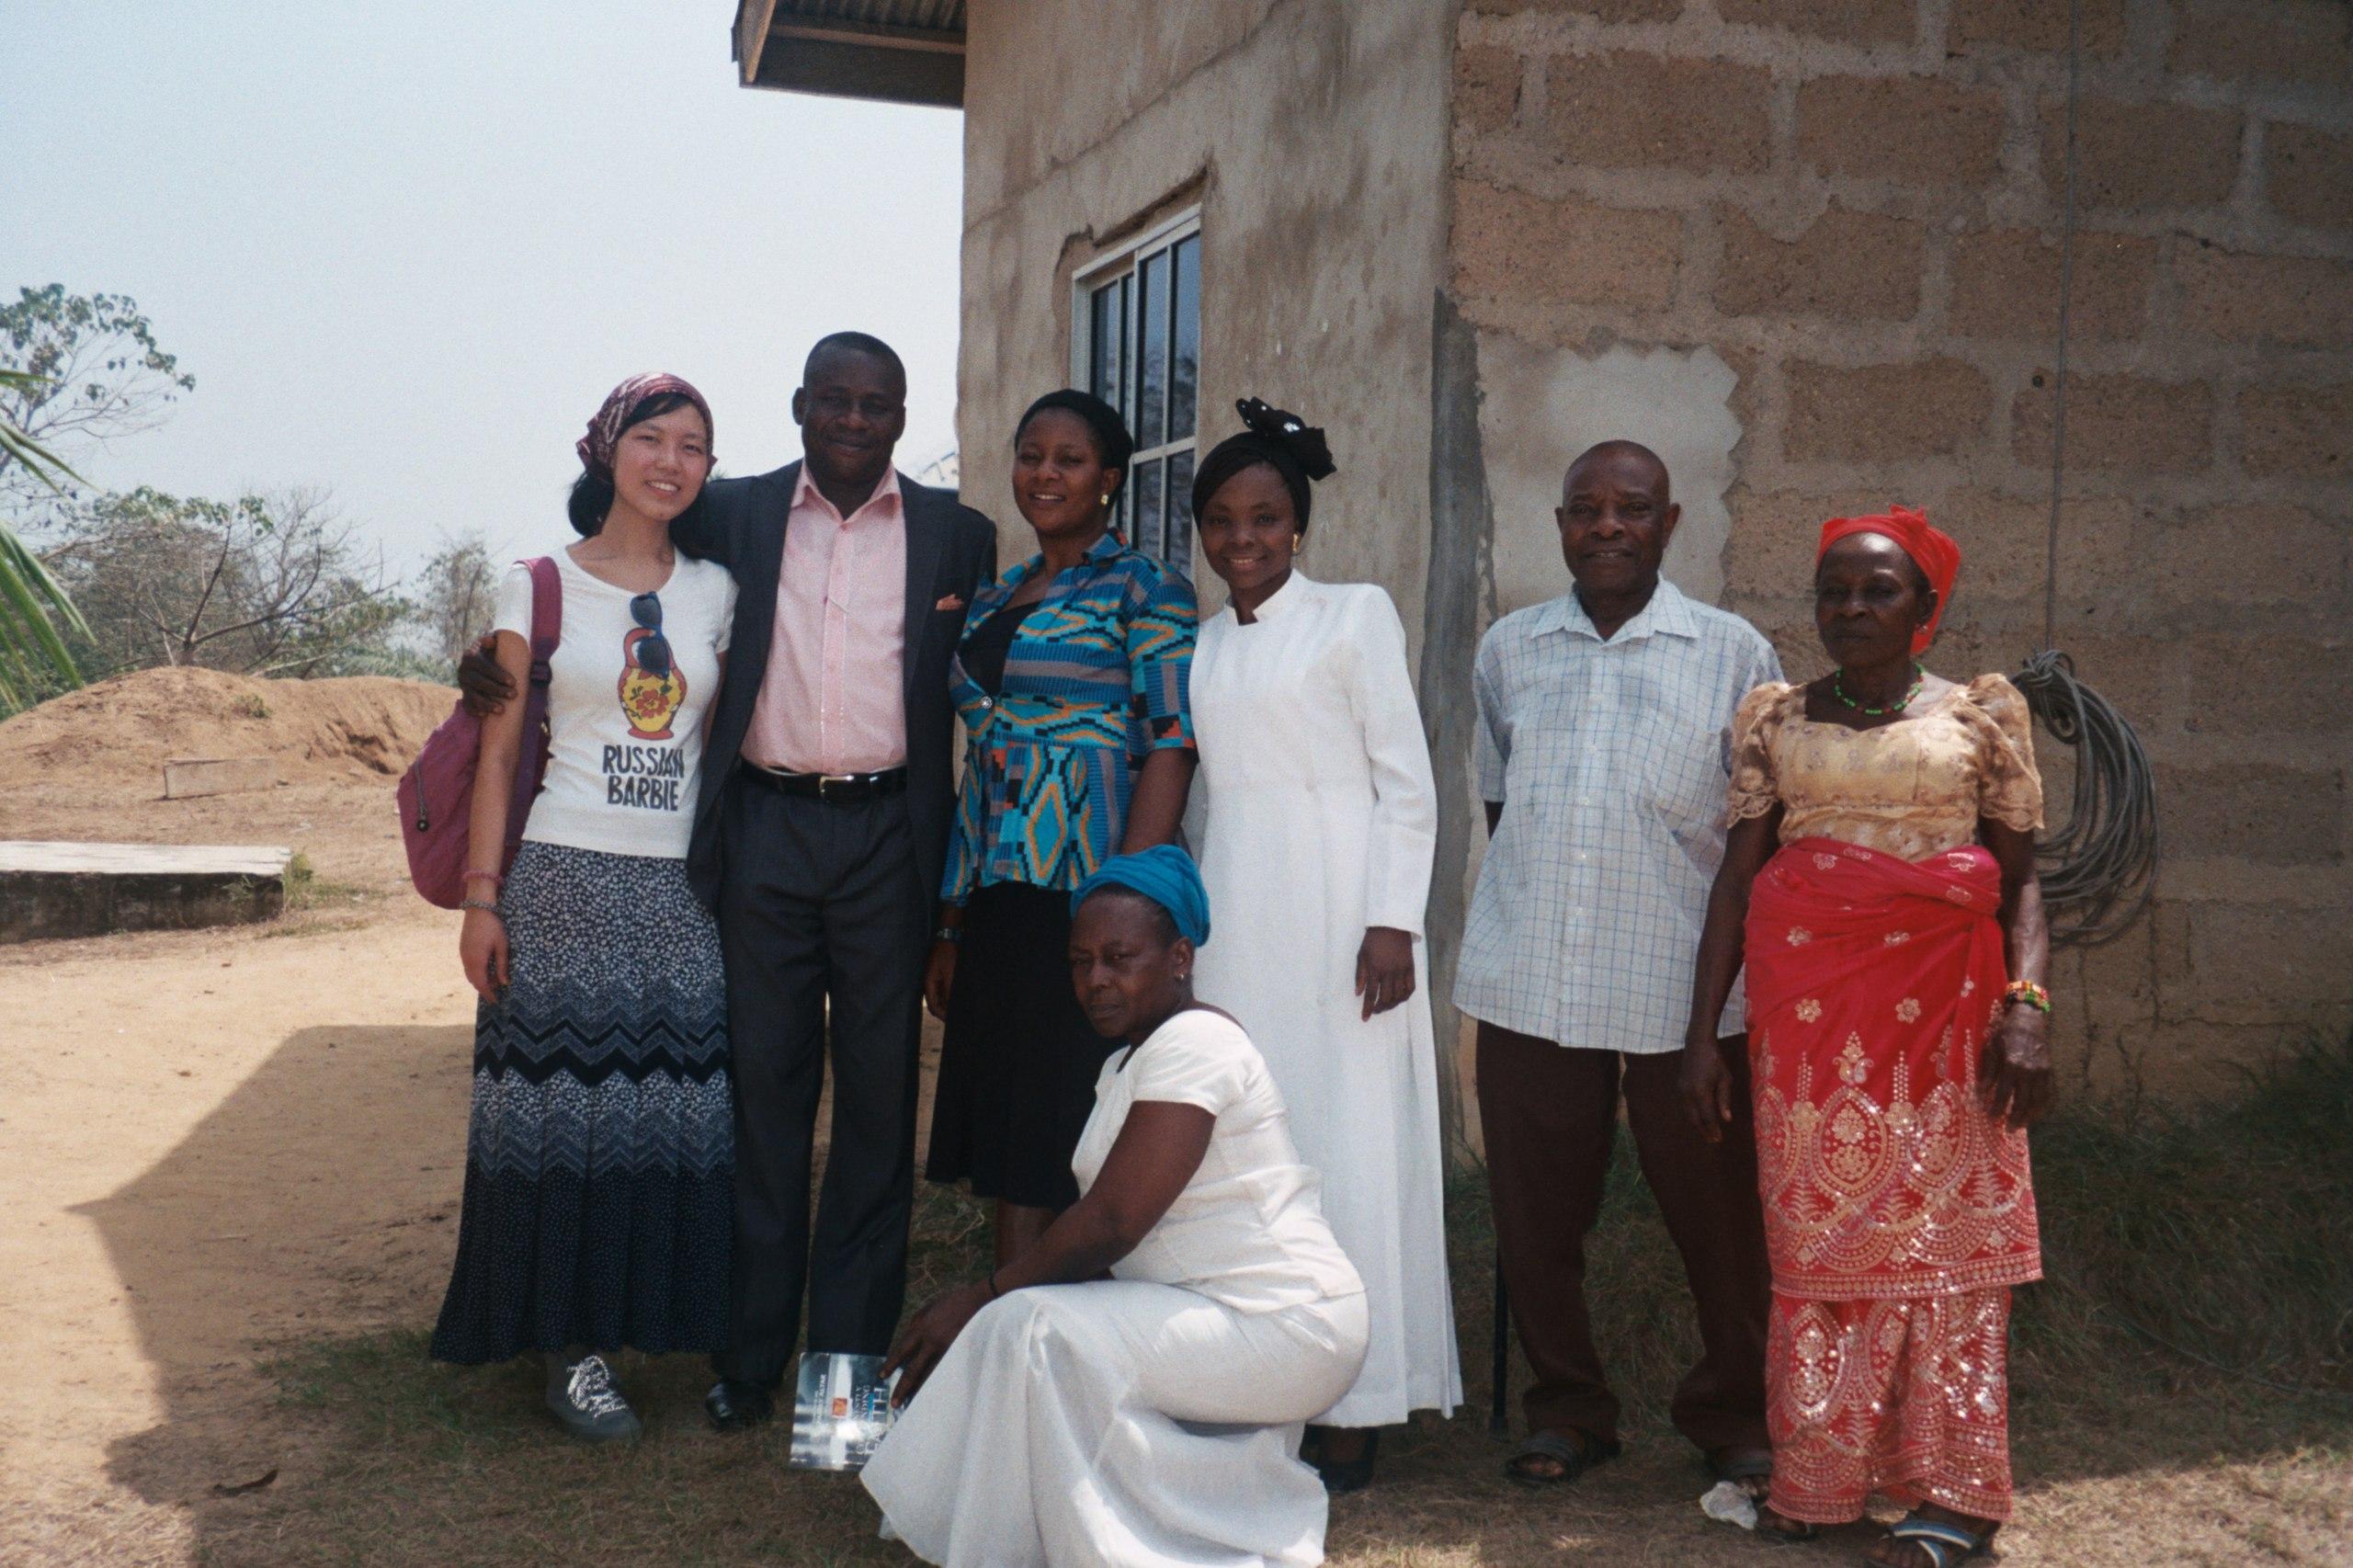 Победитель конкурса «Голоса Африки» рассказала об экспедиции в Нигерию